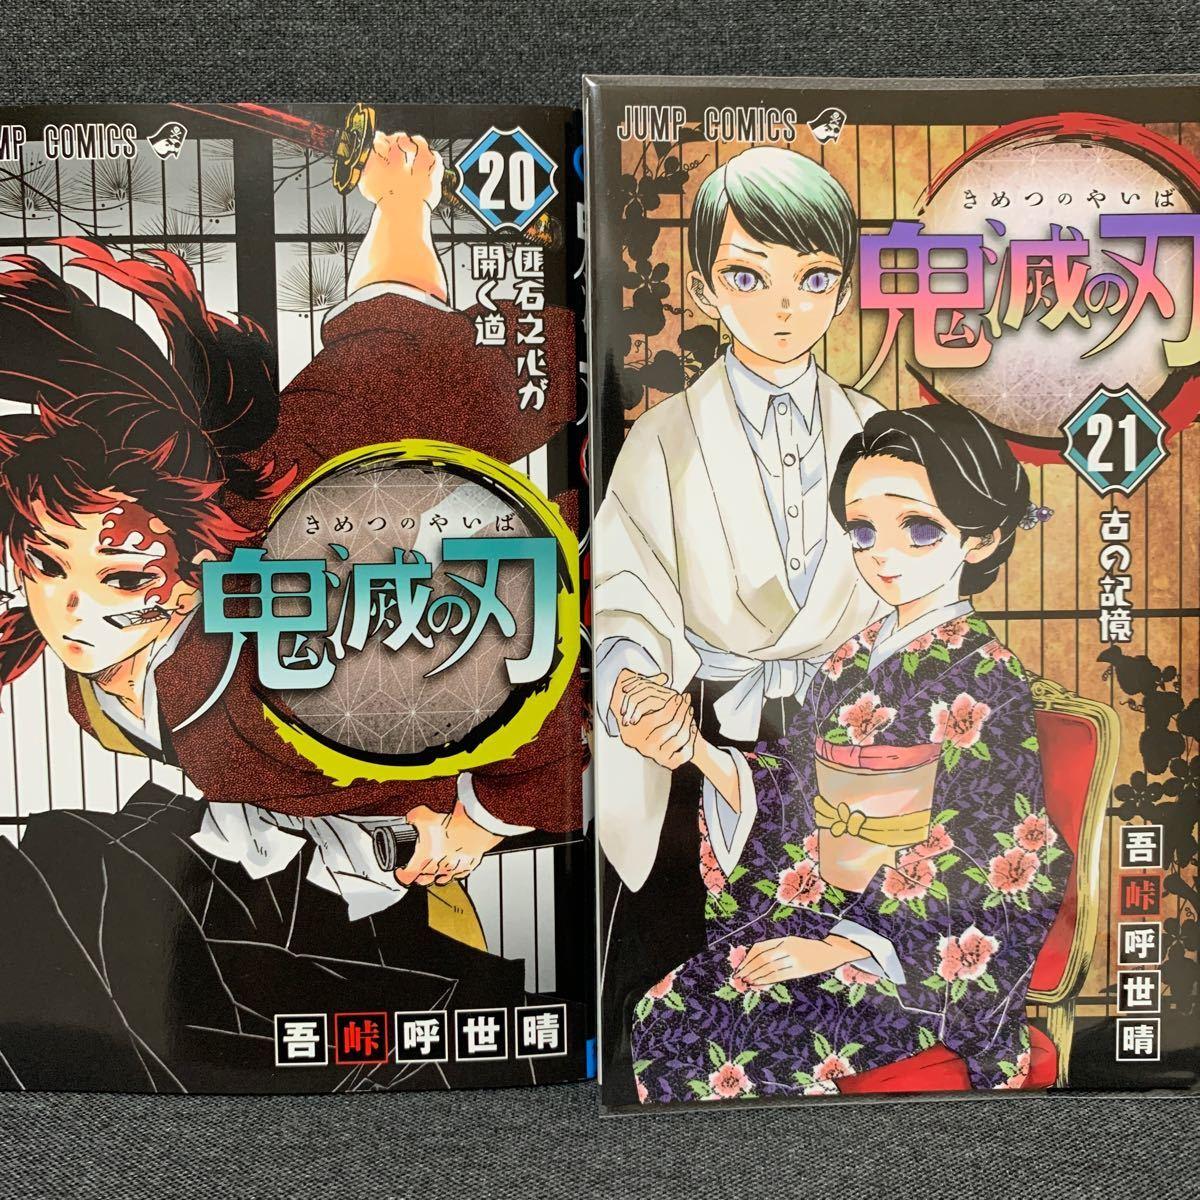 鬼滅の刃 漫画 20巻 21巻